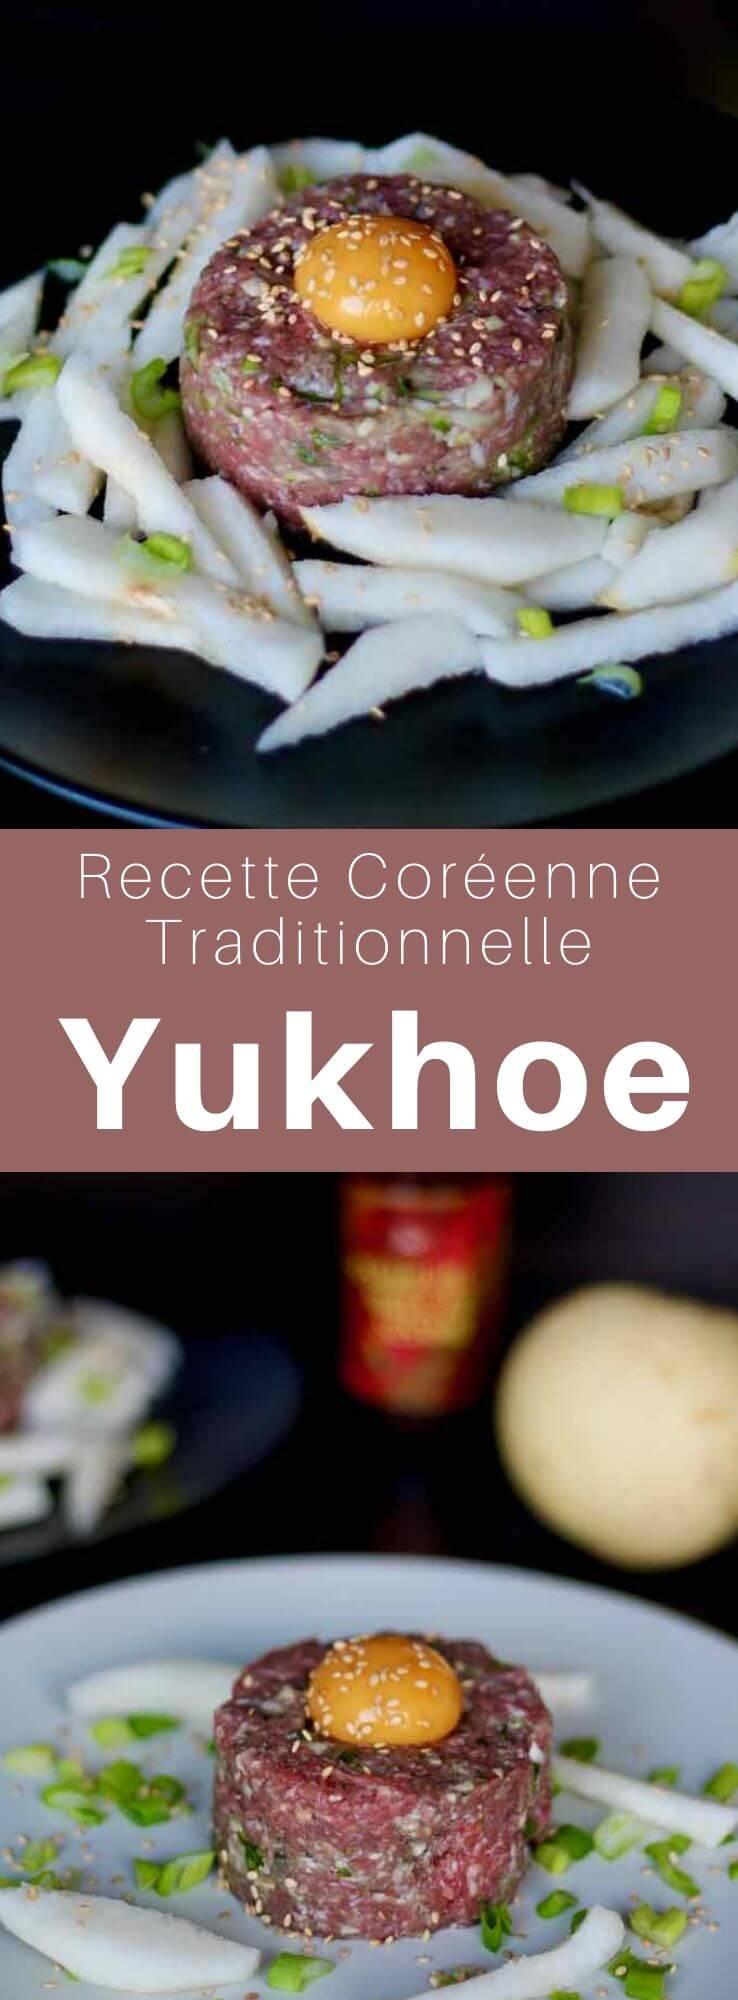 Le yukhoe est l'un des hoe (plat cru) coréens les plus populaires. il est composé de boeuf cru assaisoné accompagné de poire nashi. #Coree #CoreeDuSud #CoreeDuNord #CuisineDuMonde #196flavors